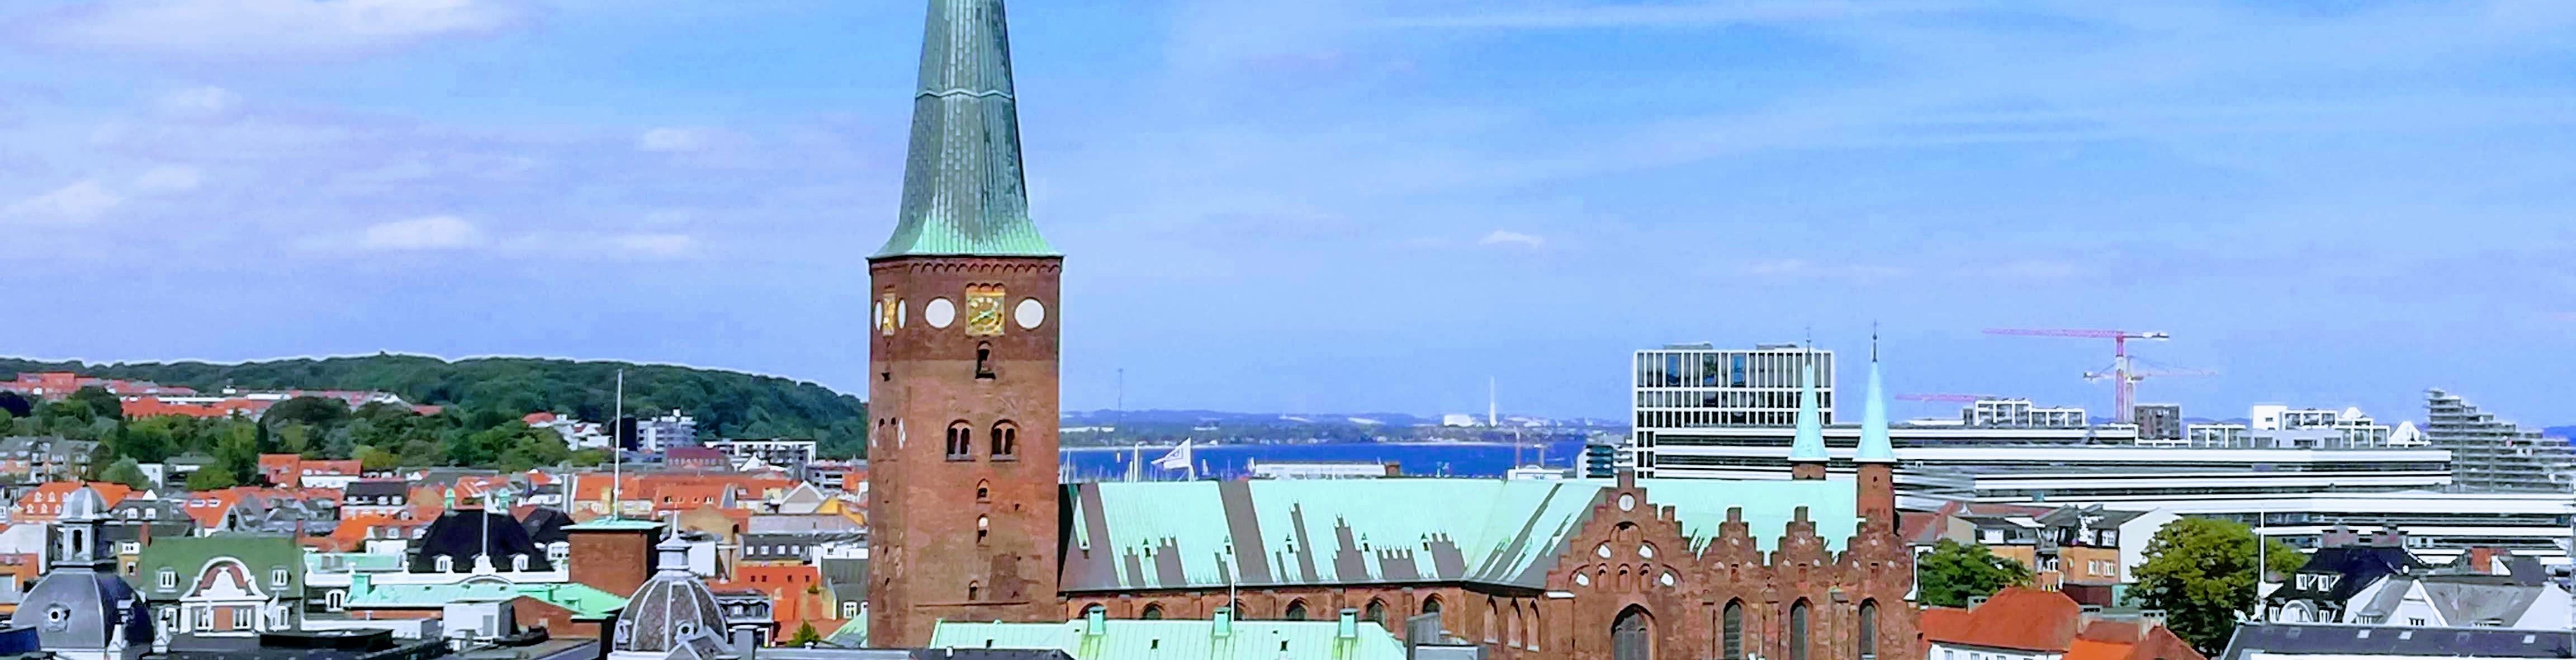 Kik ind over Aarhus med domkirken i baggrunden